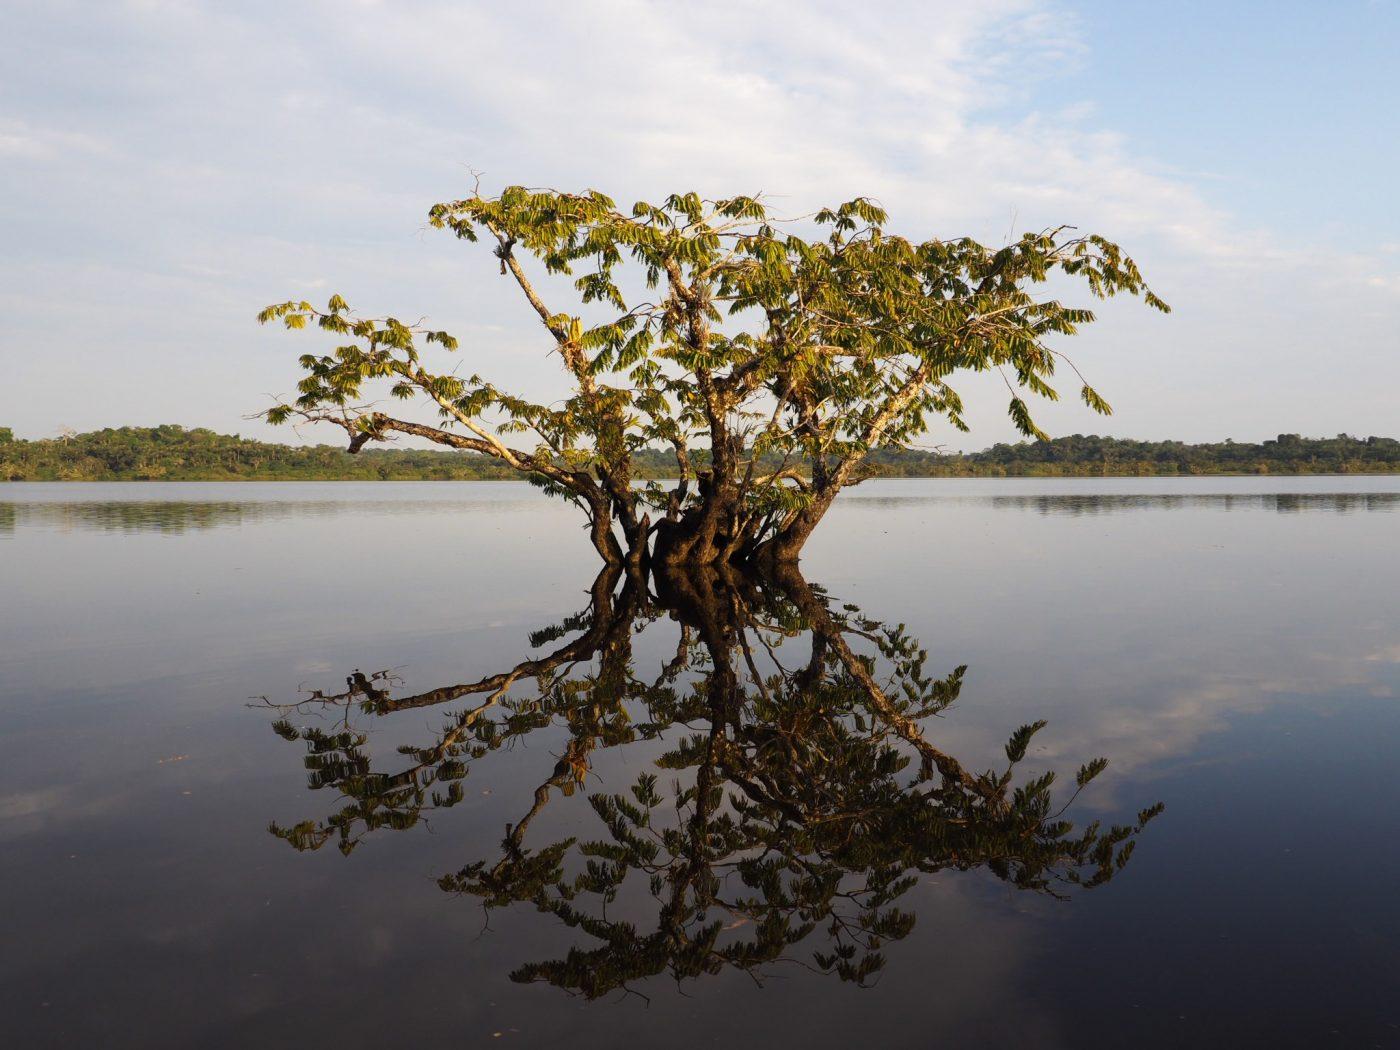 arbre dans l'eau en Amazonie d'Équateur - Caroline Herbin